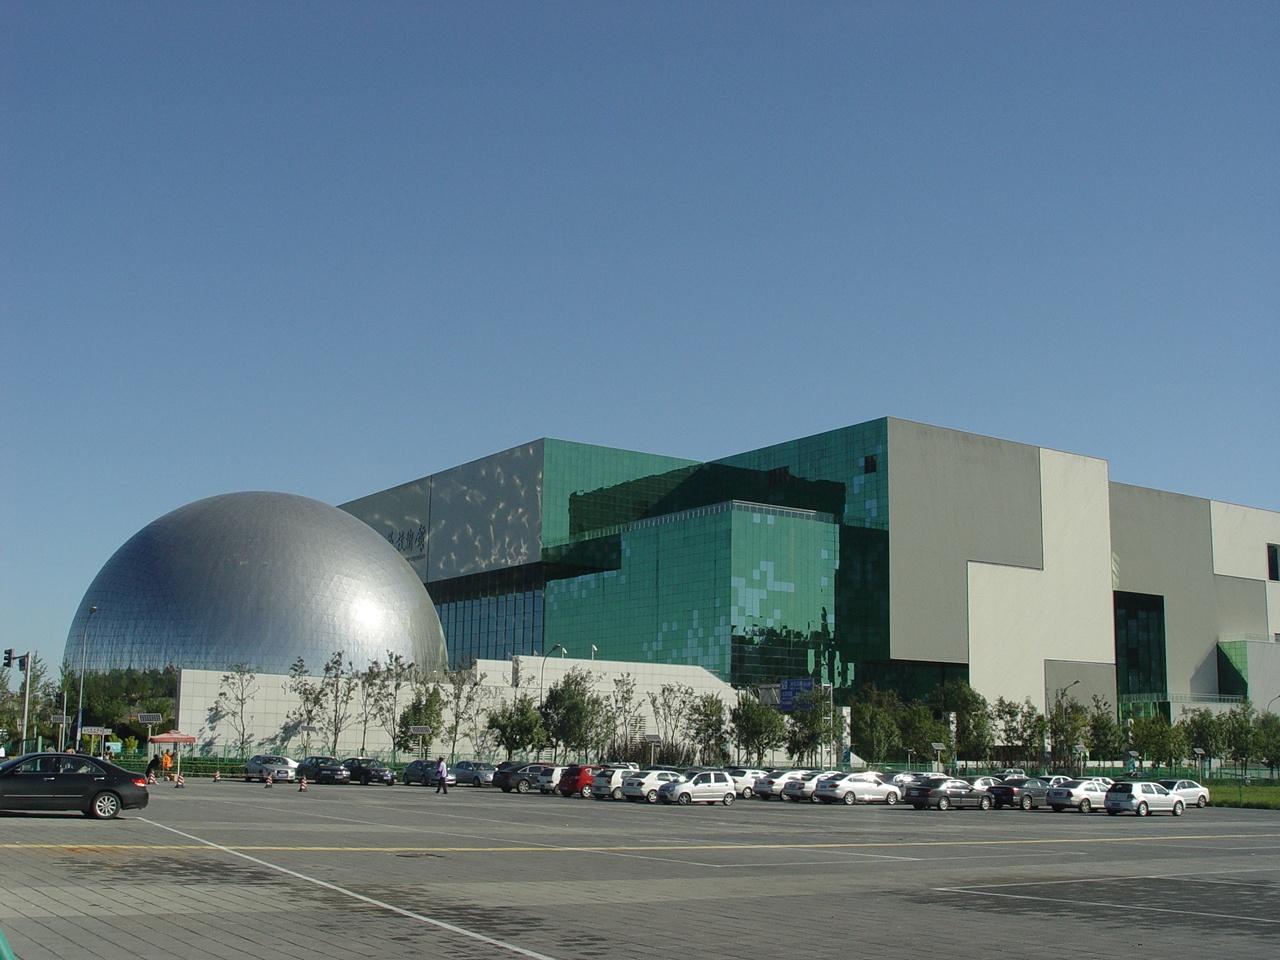 Инновационные музеи мира: «запрещается не трогать, не думать и не чувствовать!» - 4